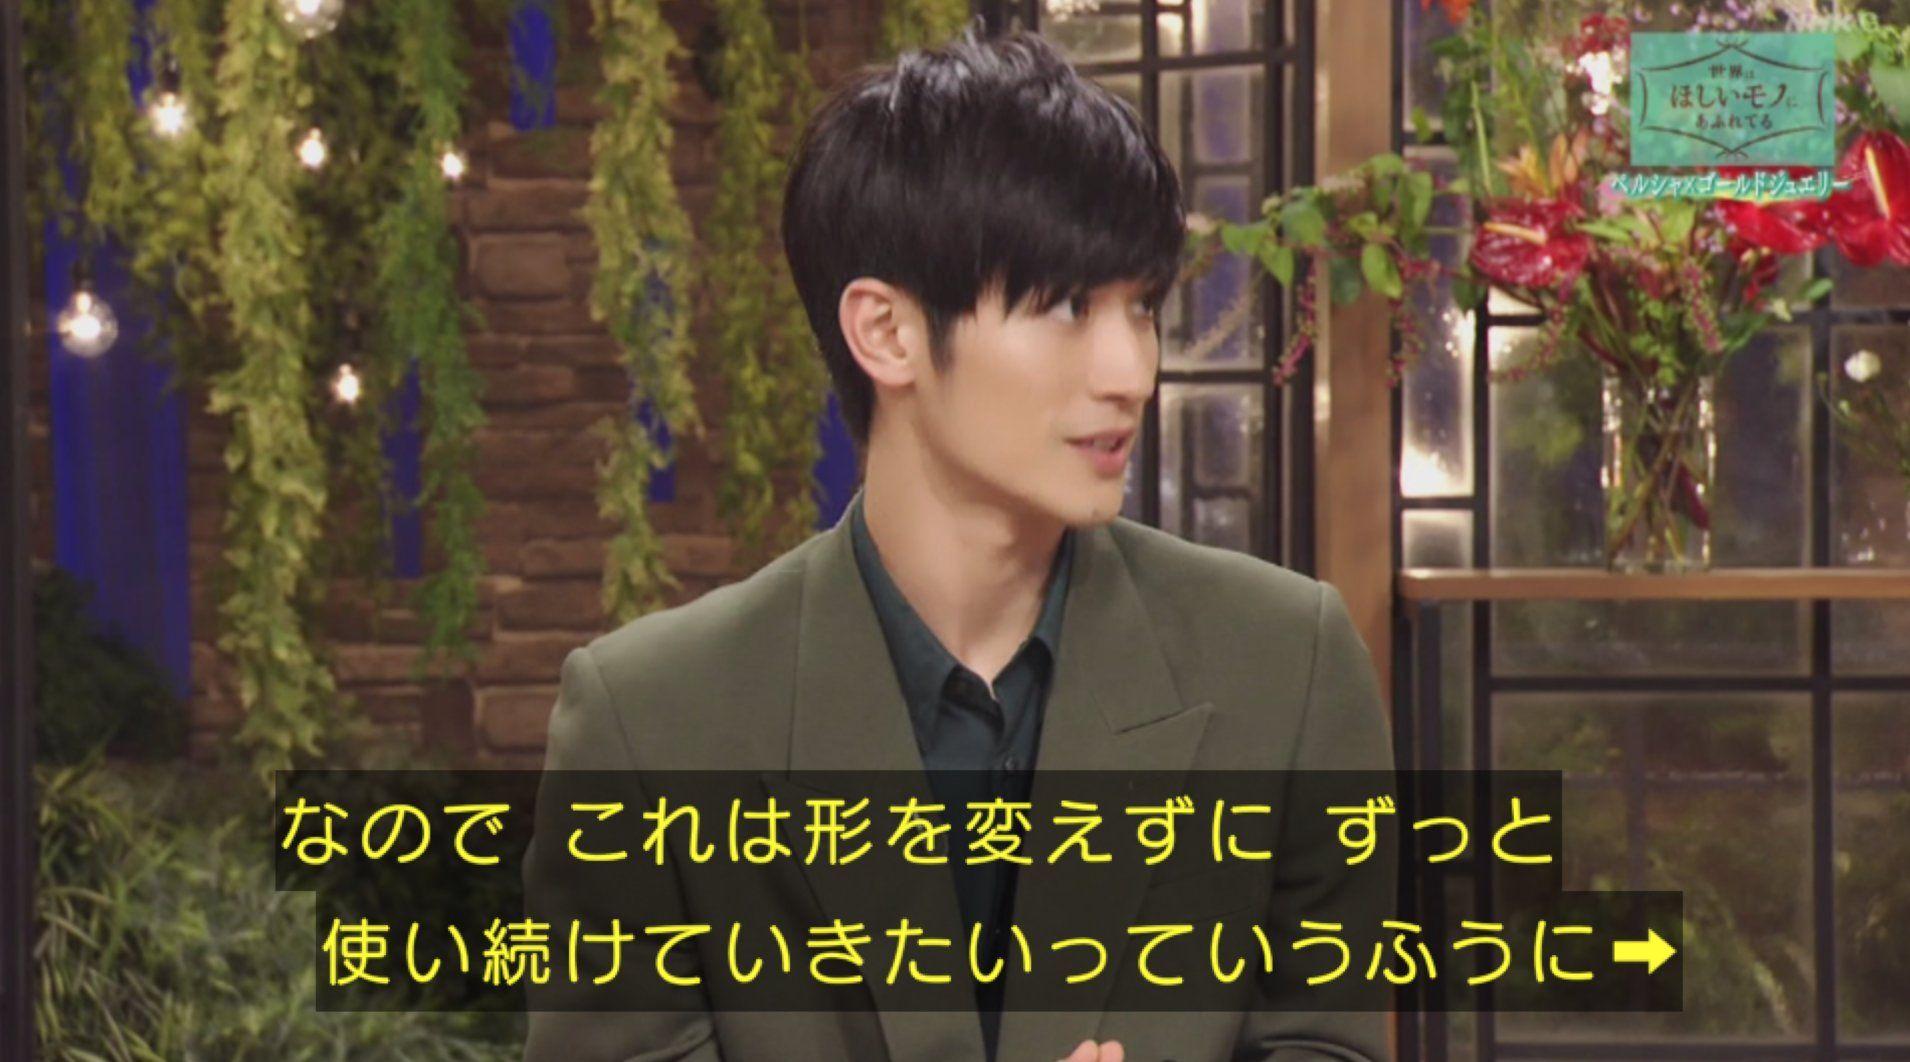 ルルフ on twitter 2021 三浦春馬 メモワール 三浦